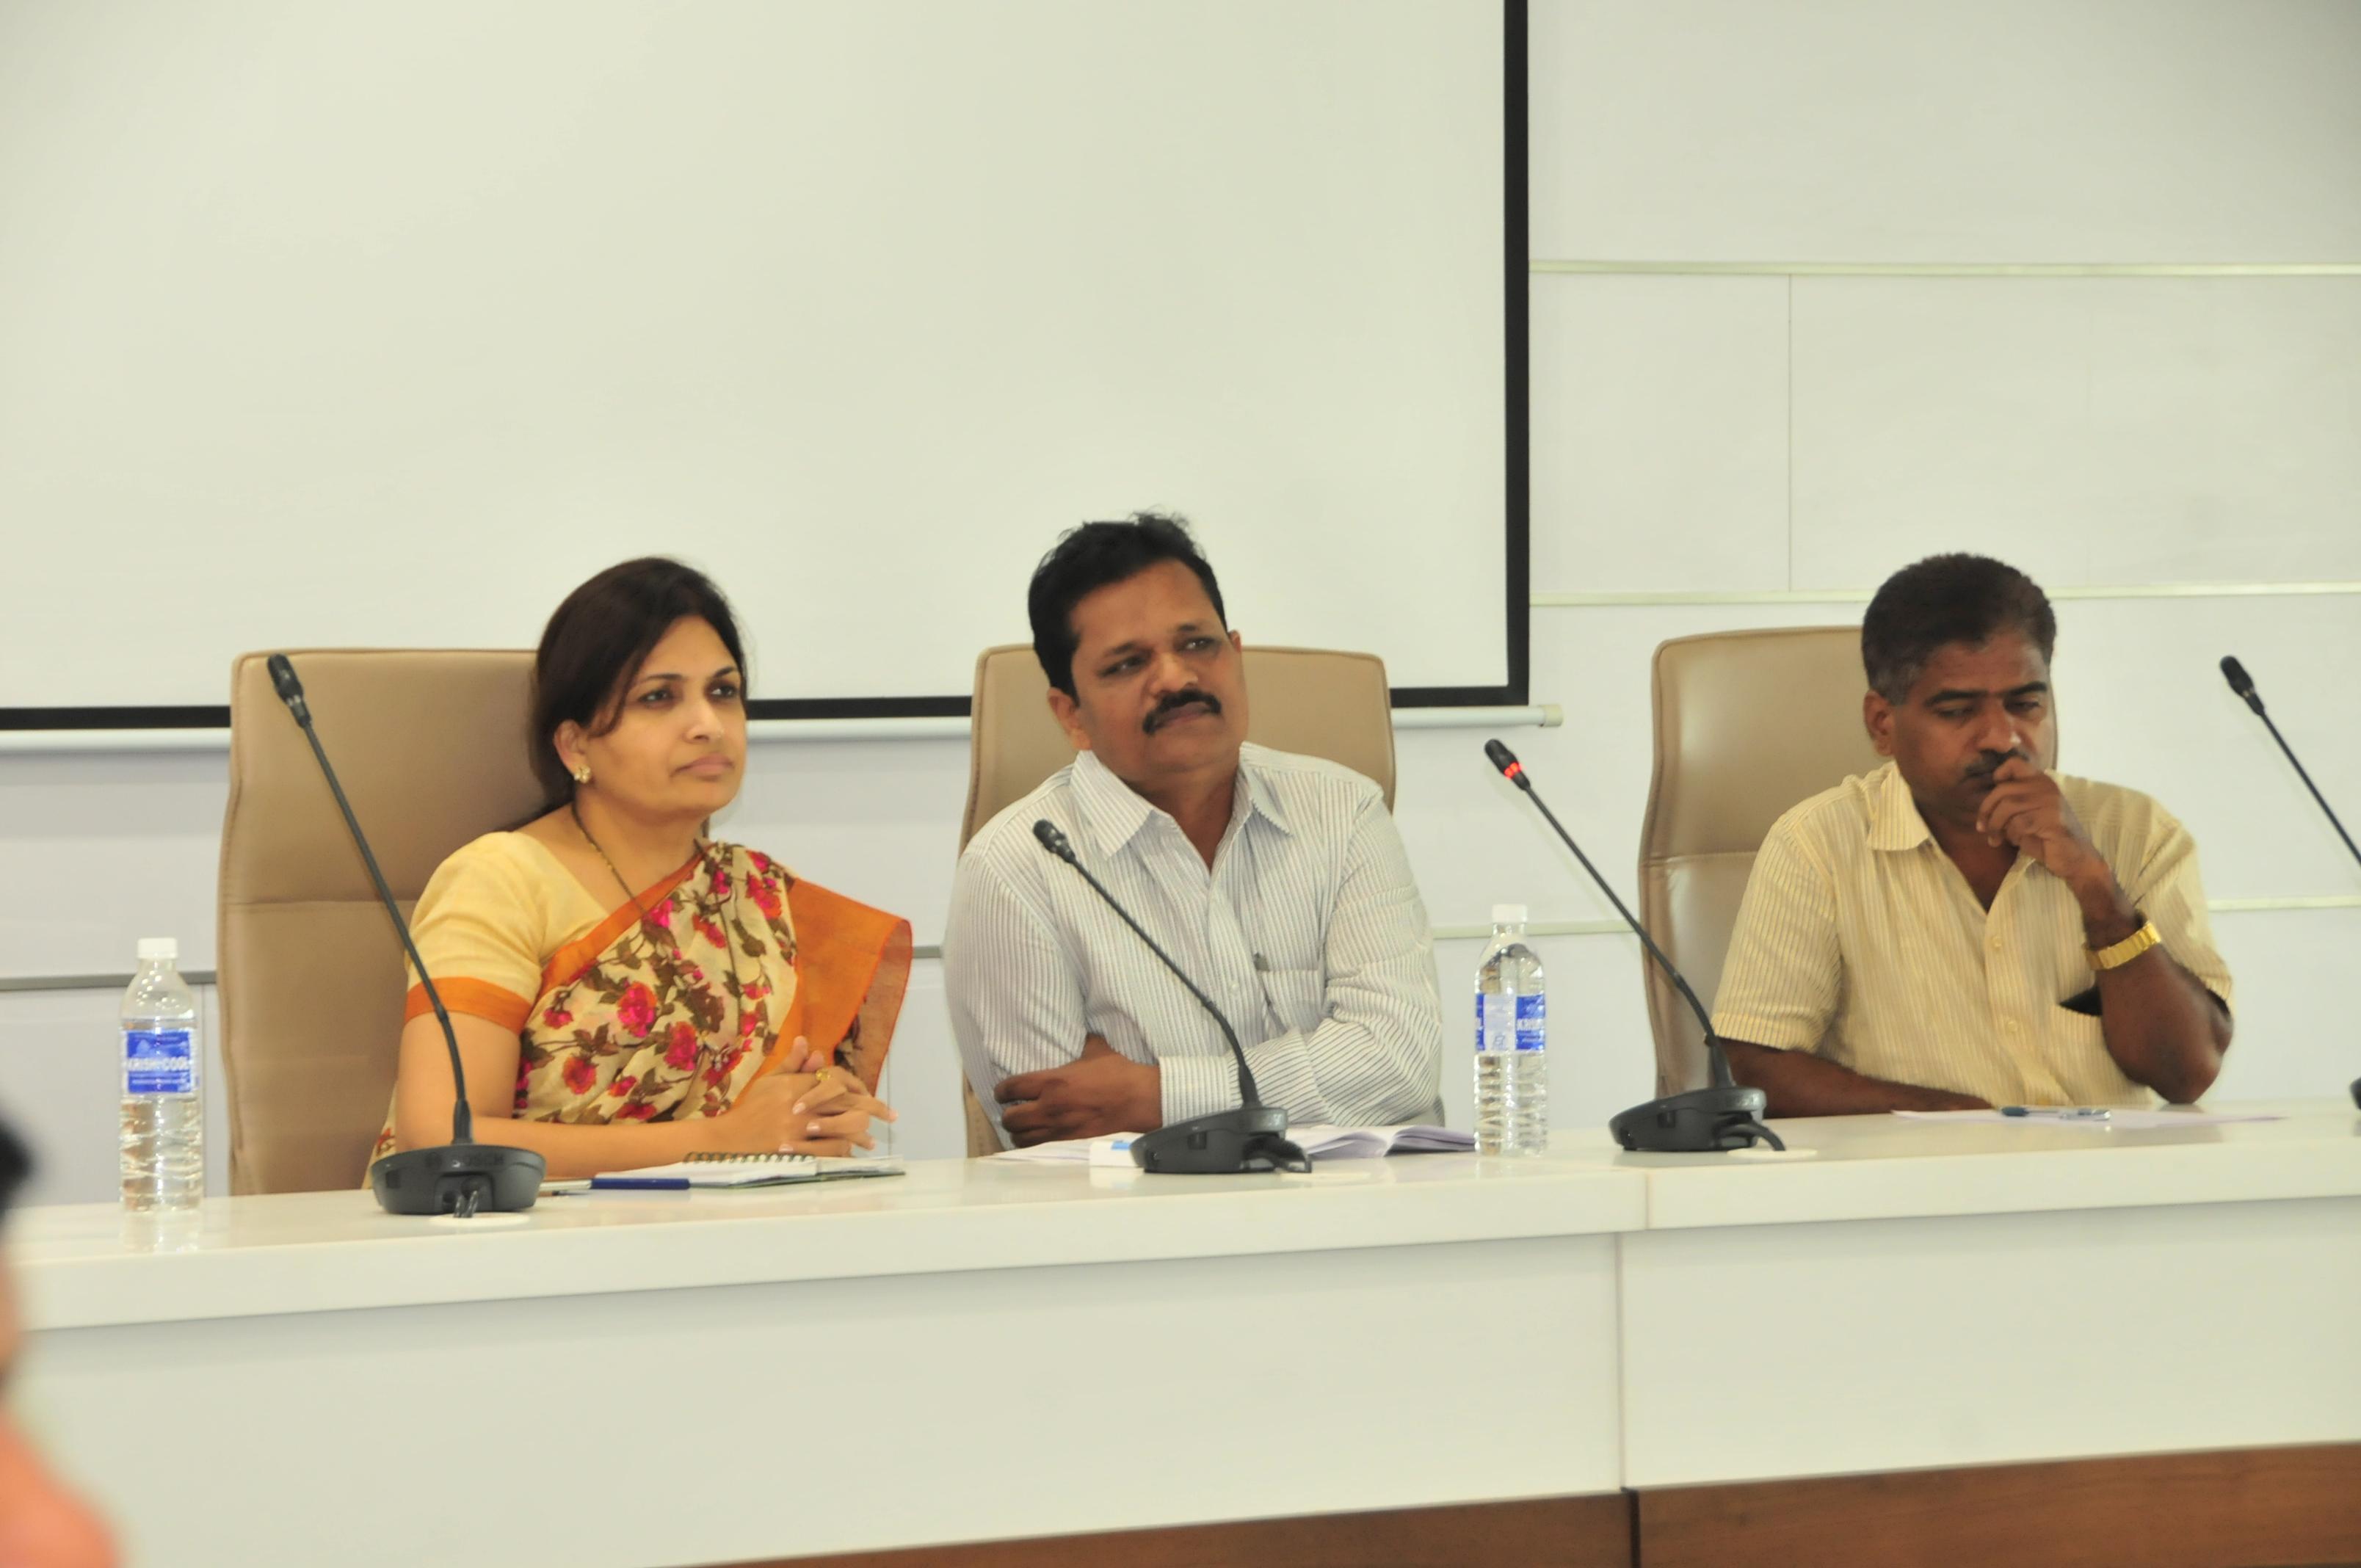 'स्वास्थ भारत यात्रे' अंतर्गतच्या सायकल रॅलीसाठी आवश्यक त्या उपाययोजना करा-डॉ.जयश्री कटारे